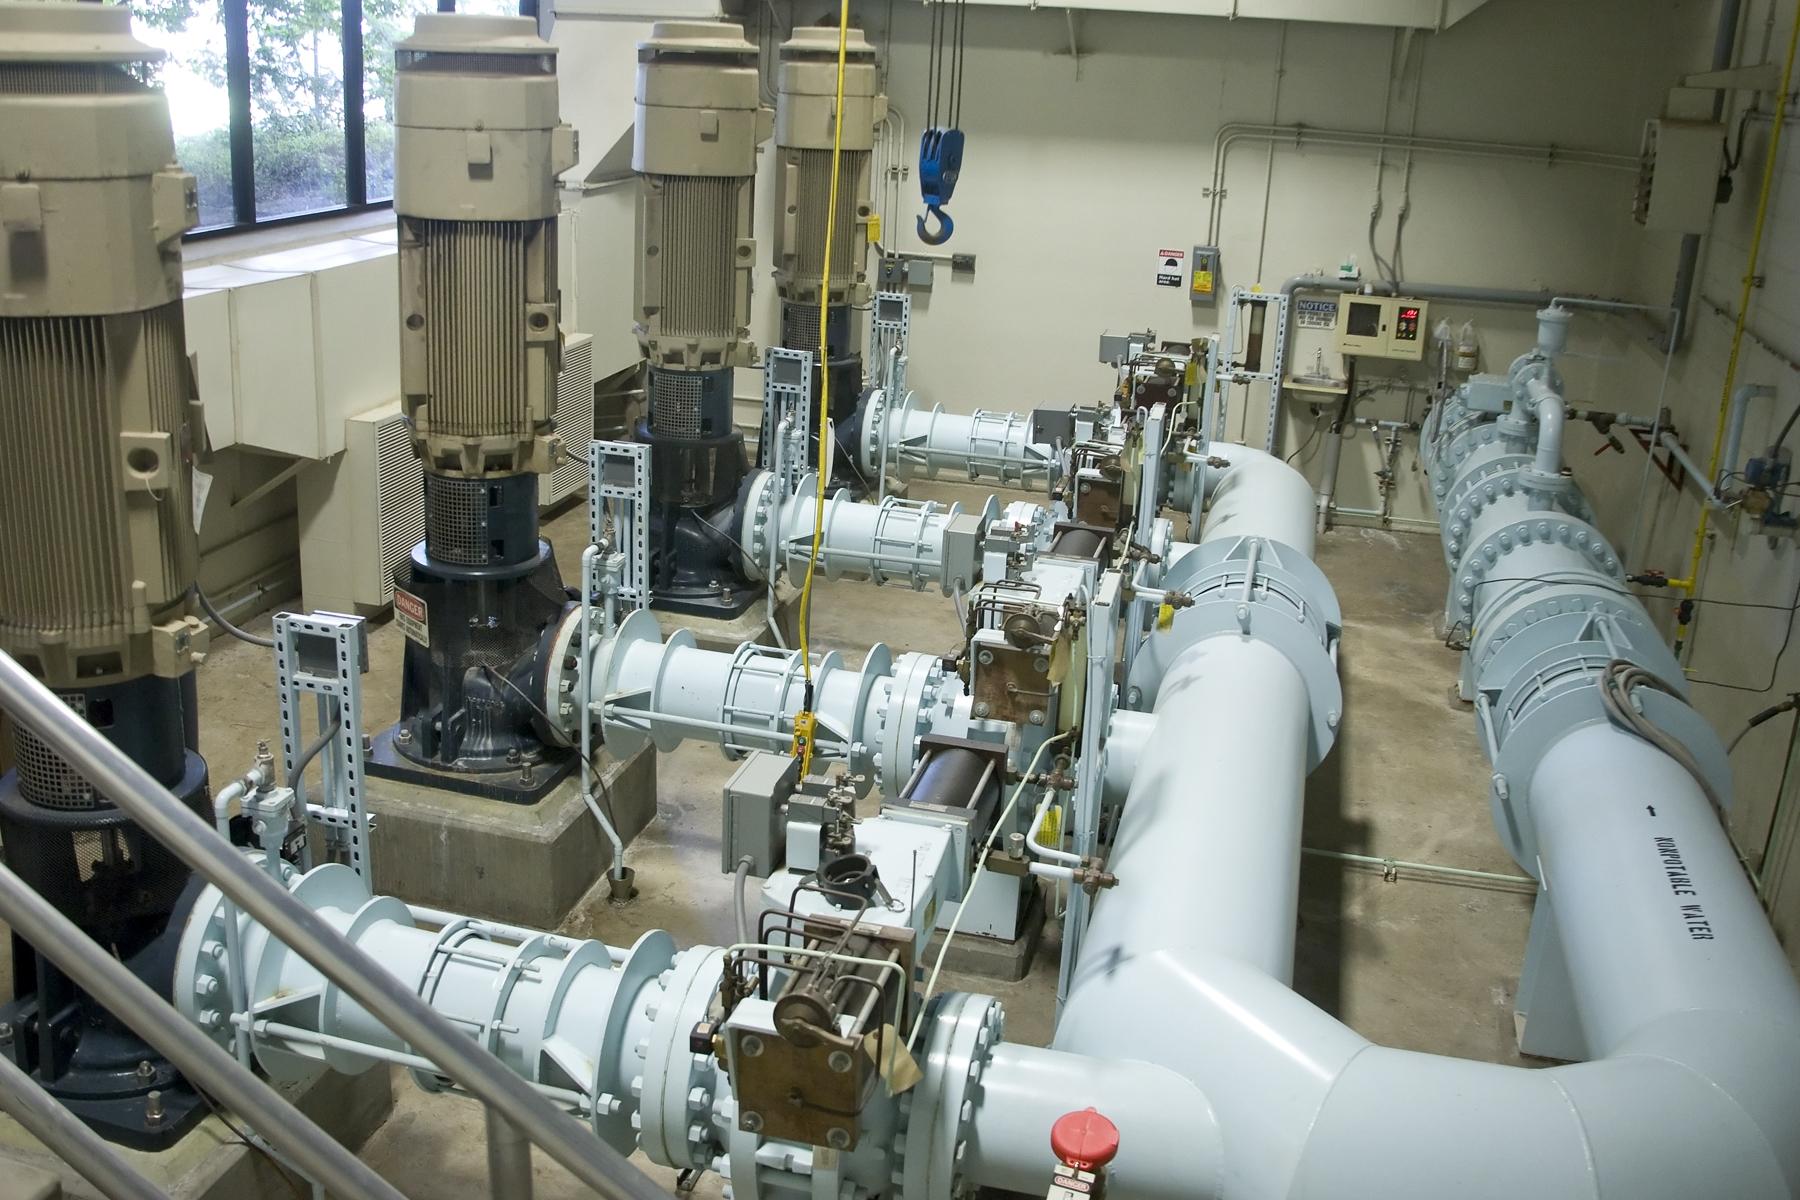 Wastewater Pump 13327865.JPG